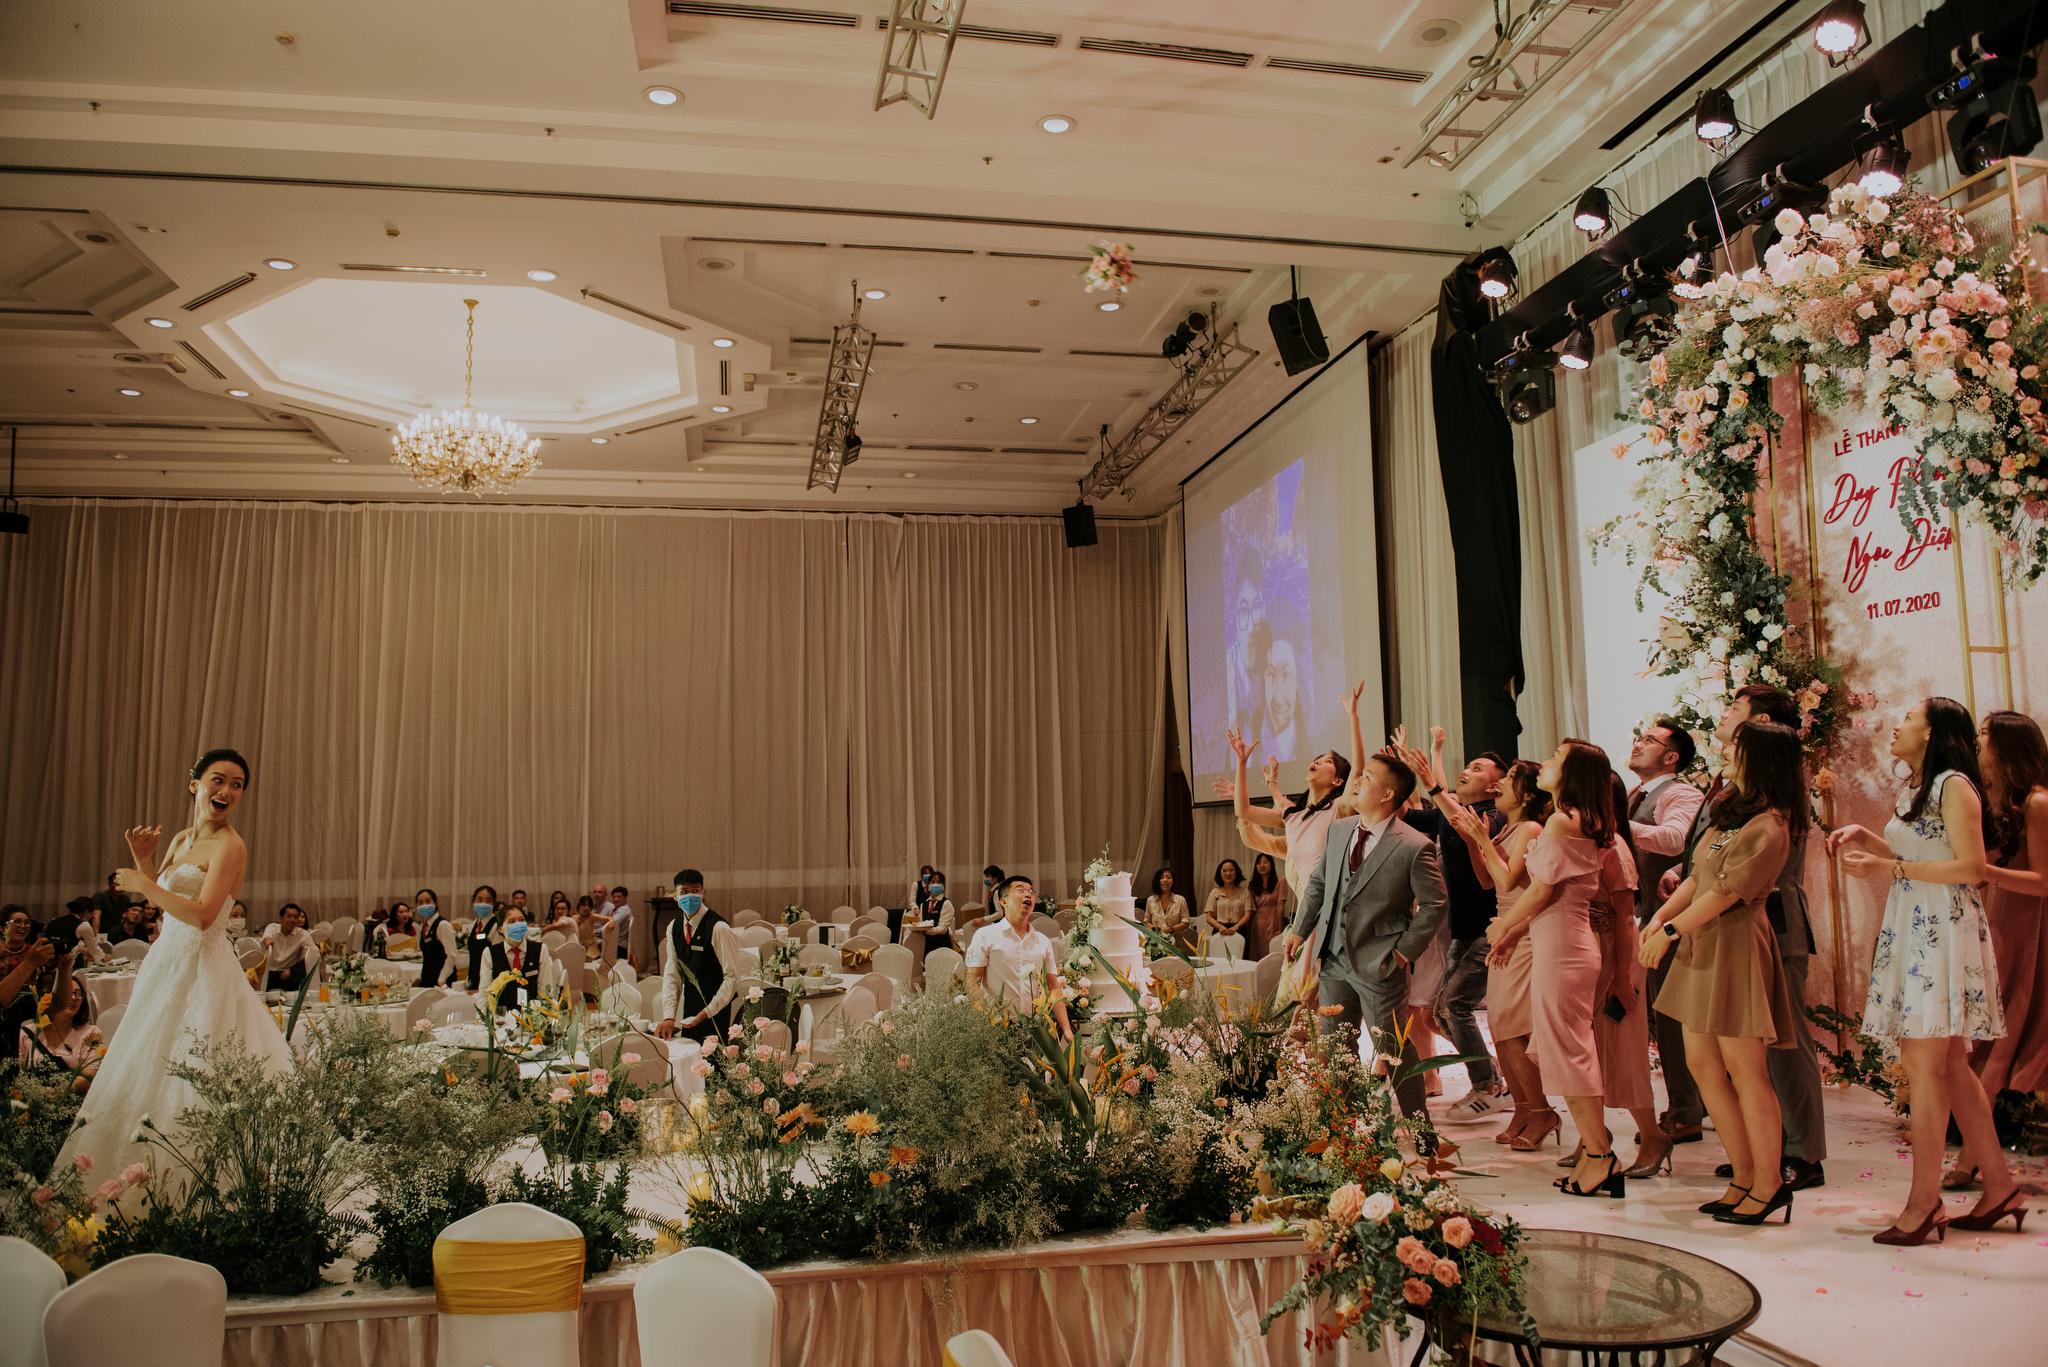 https://huk.s3.amazonaws.com/uploads/image/source/1456/Phuong-Diep-HN-Ceremony-2-0361.JPG